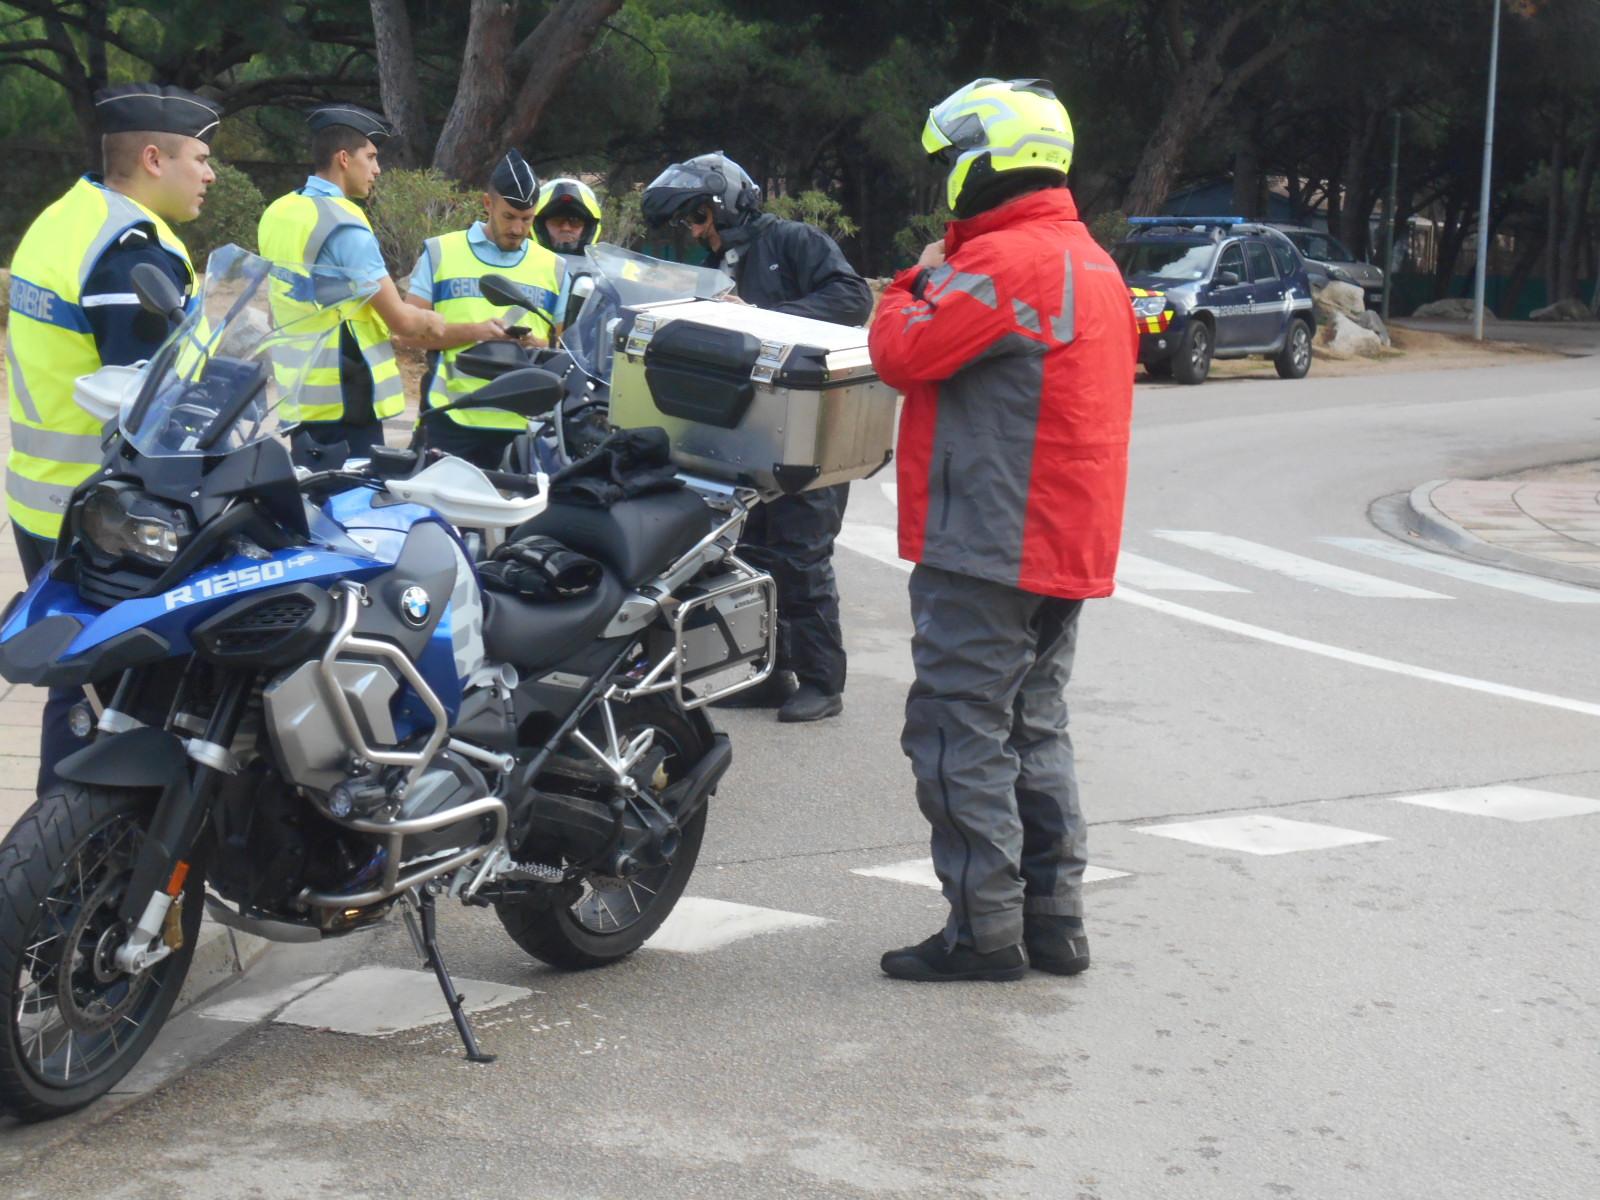 Un point de contrôle pour les motards ce matin